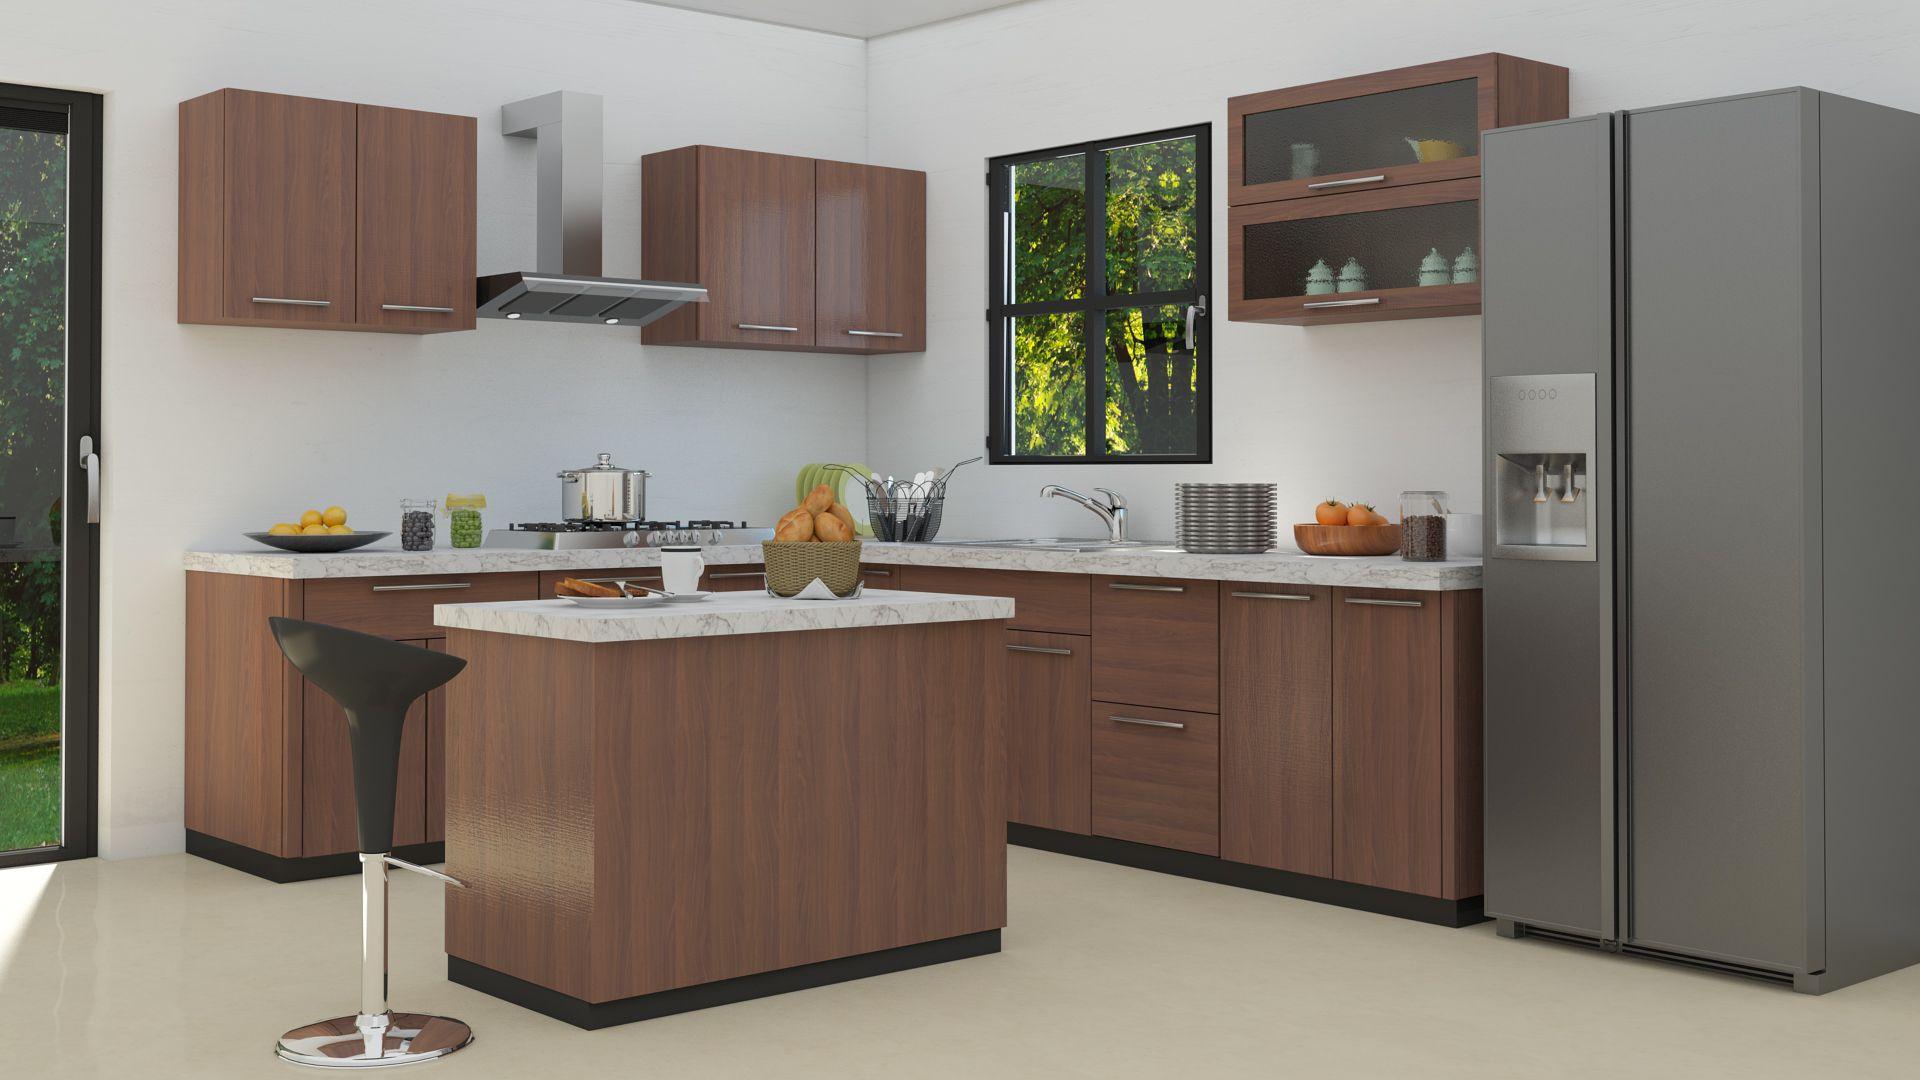 L Shaped Modular Kitchen Designs Kitchen Cabinet Design